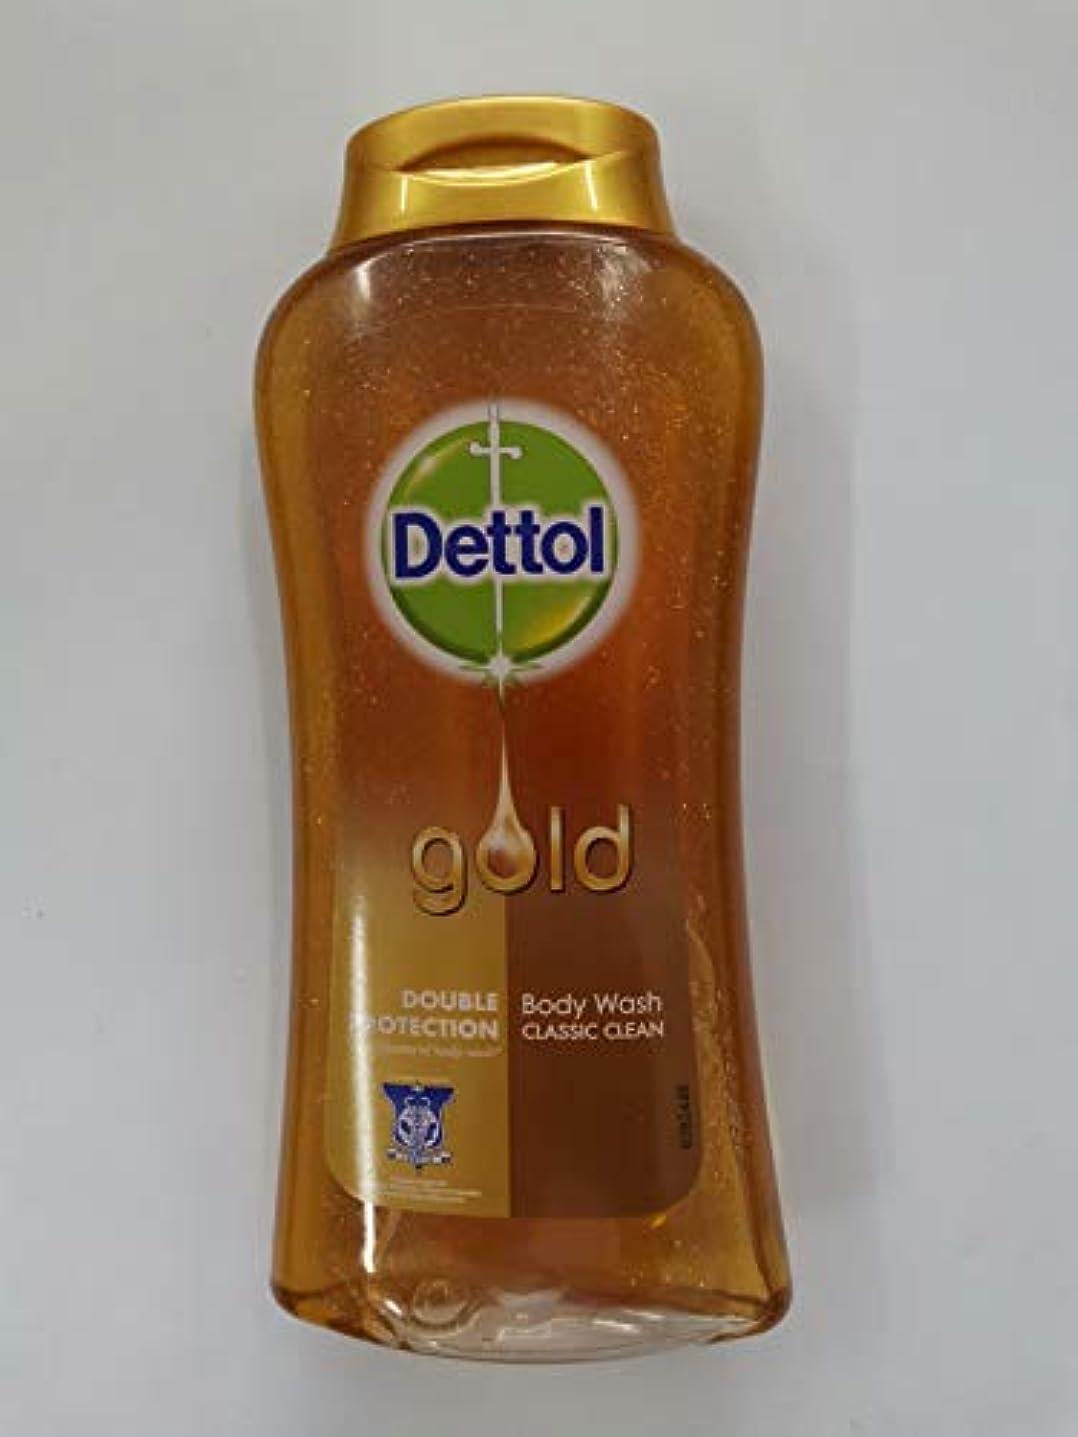 魅力的であることへのアピール強います夏Dettol クラシッククリーンボディローション250ミリリットル - 細菌非食用風呂-kills 99.9% - 毎日の細菌を防ぎます